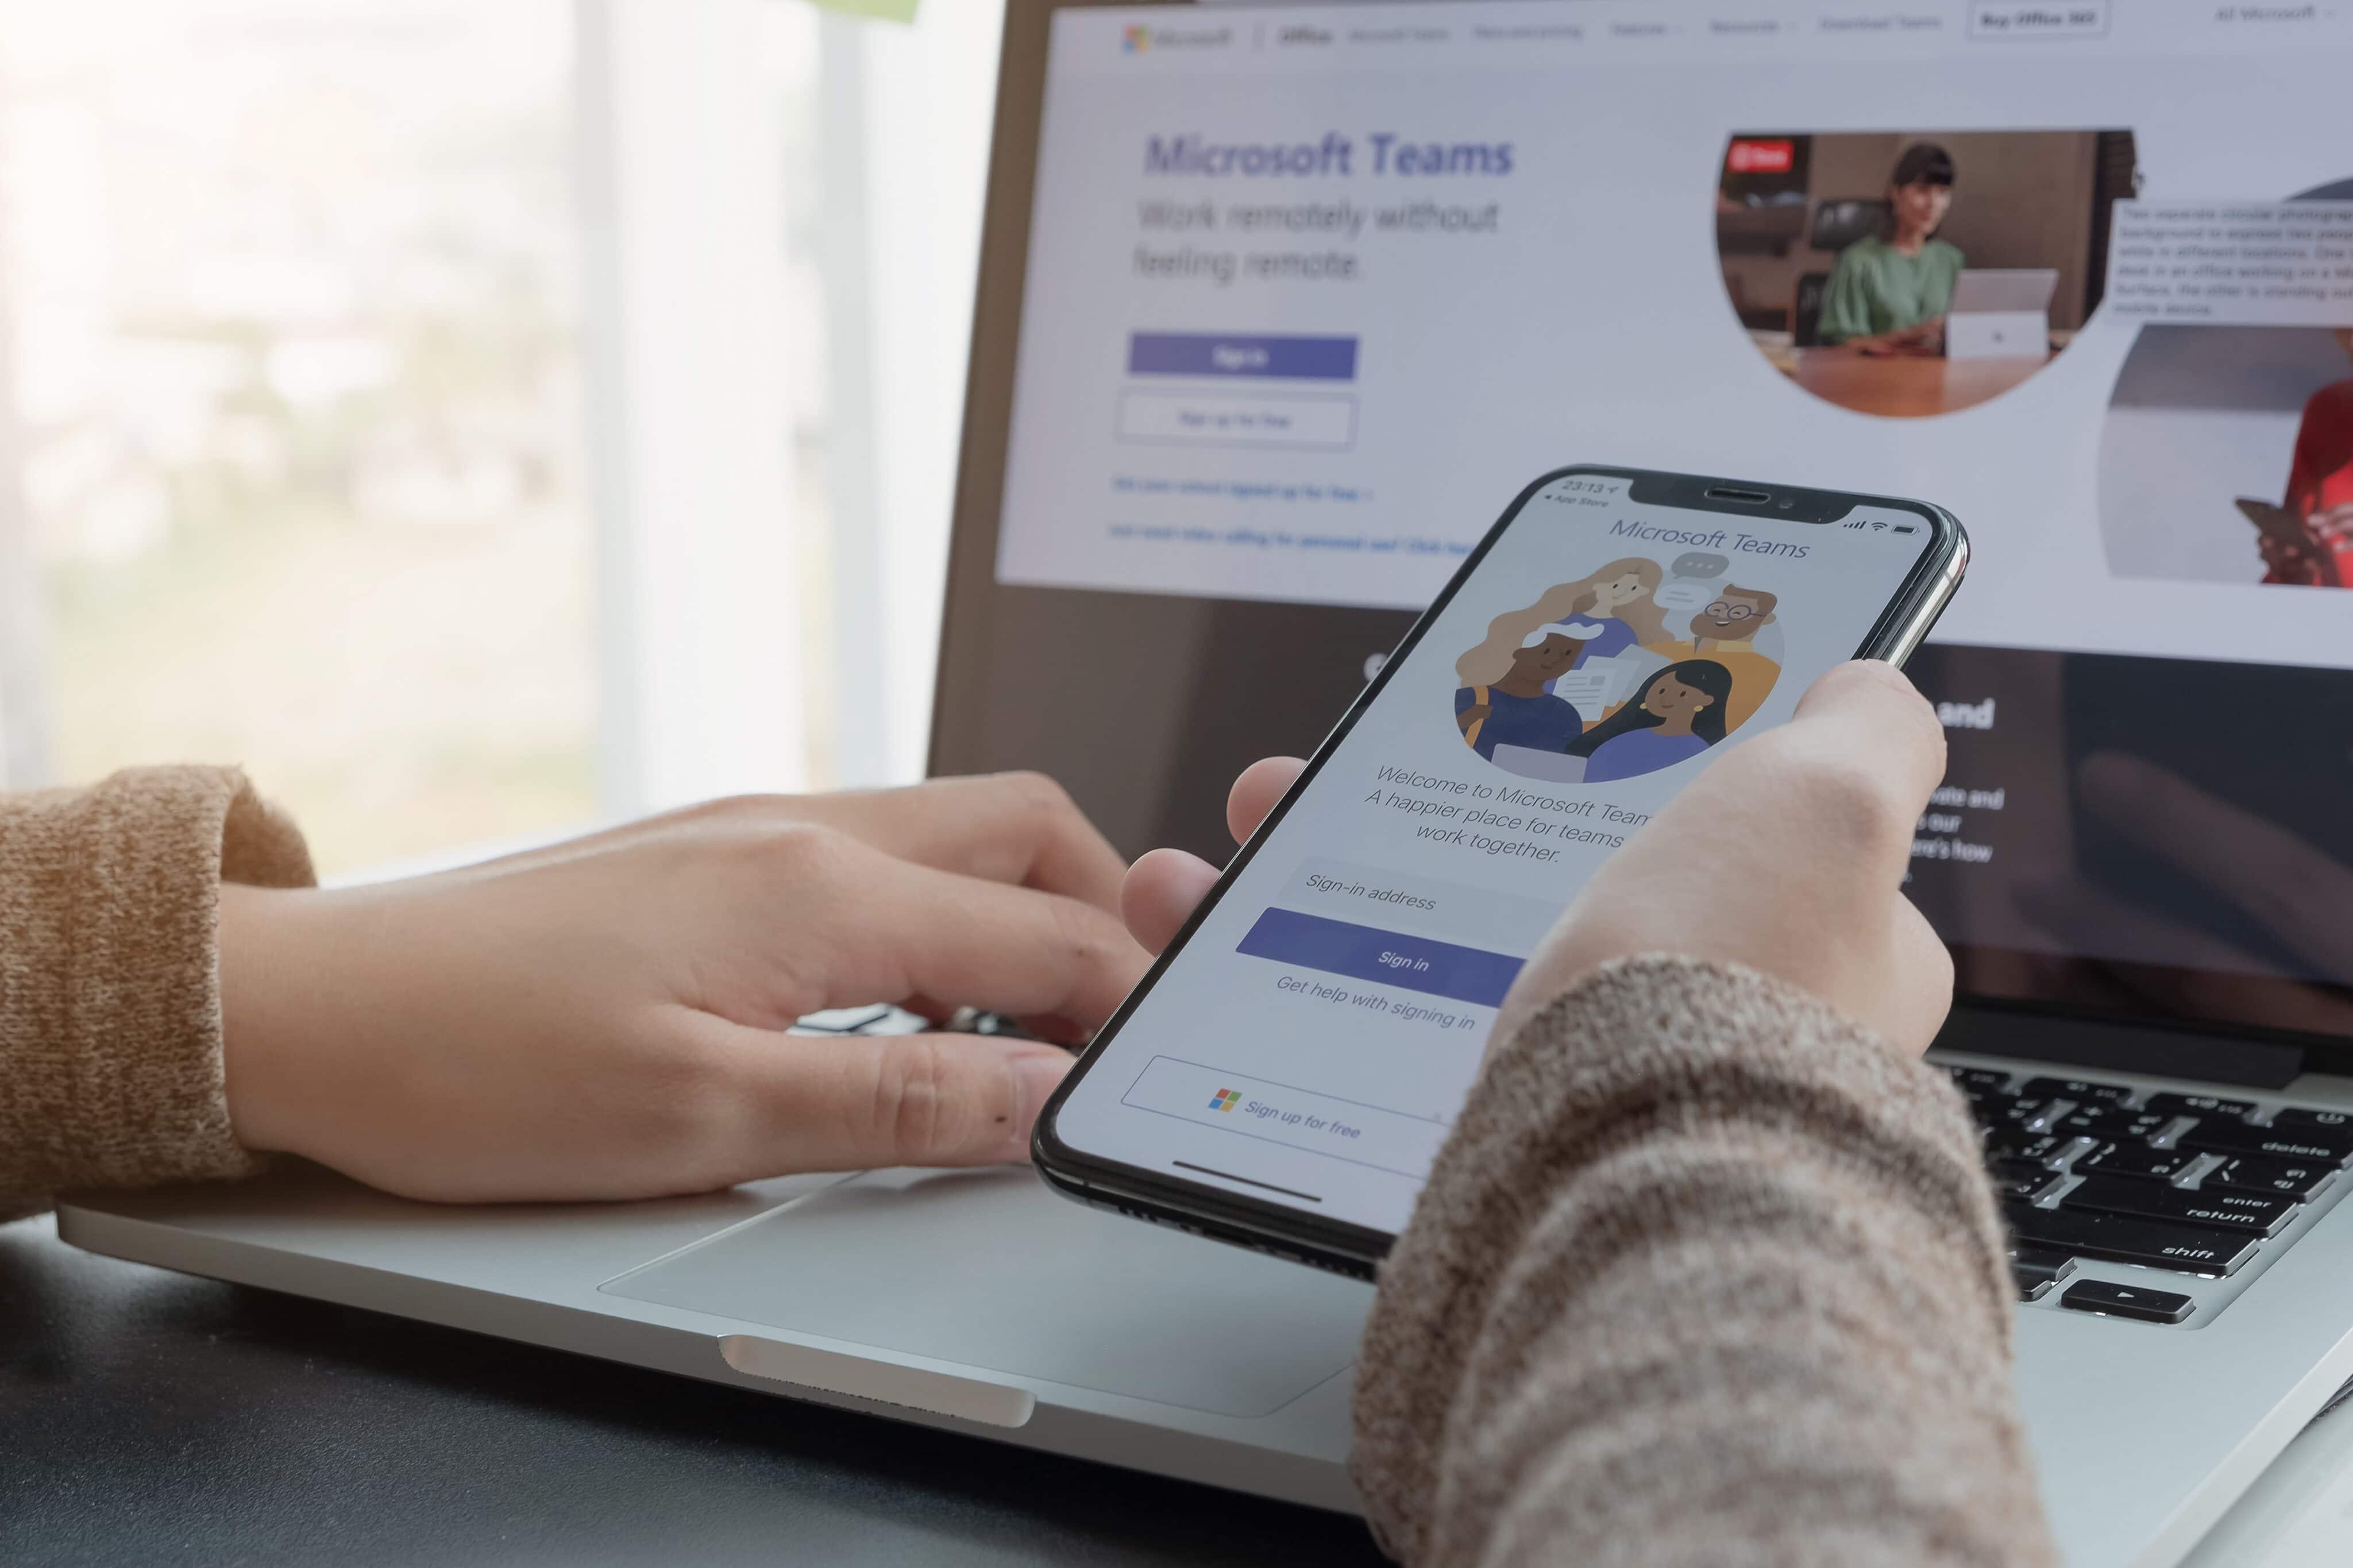 Pessoa trabalhando no Microsoft Teams